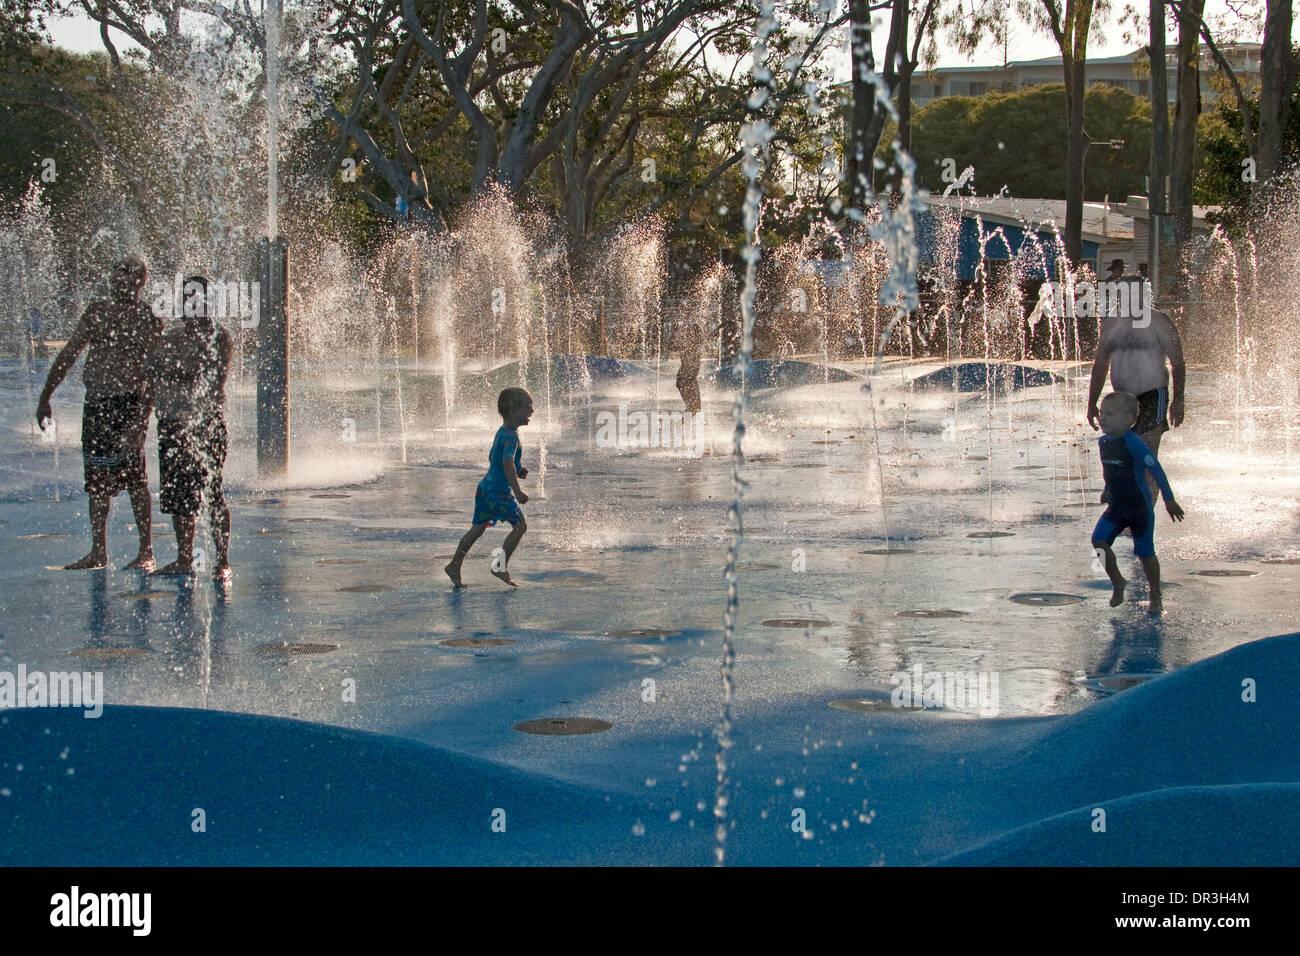 Adulti E Bambini Che Giocano In Acqua Che Sgorga Dalla Schiera Di